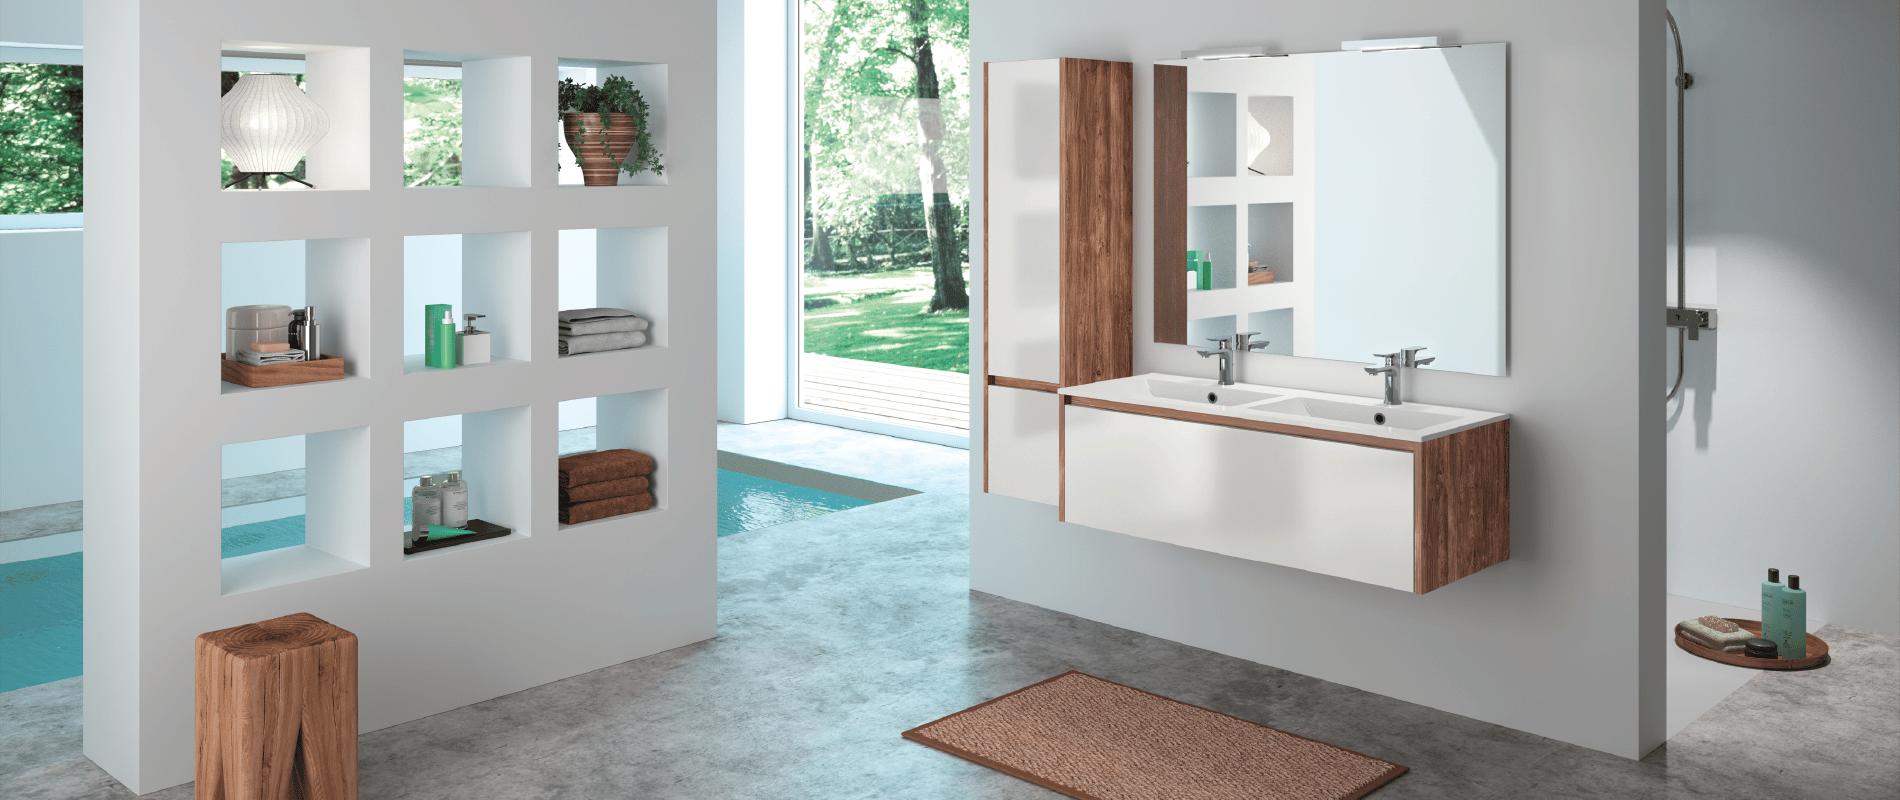 Salle de bain haut de gamme id es de for Accessoires salle bain haut gamme